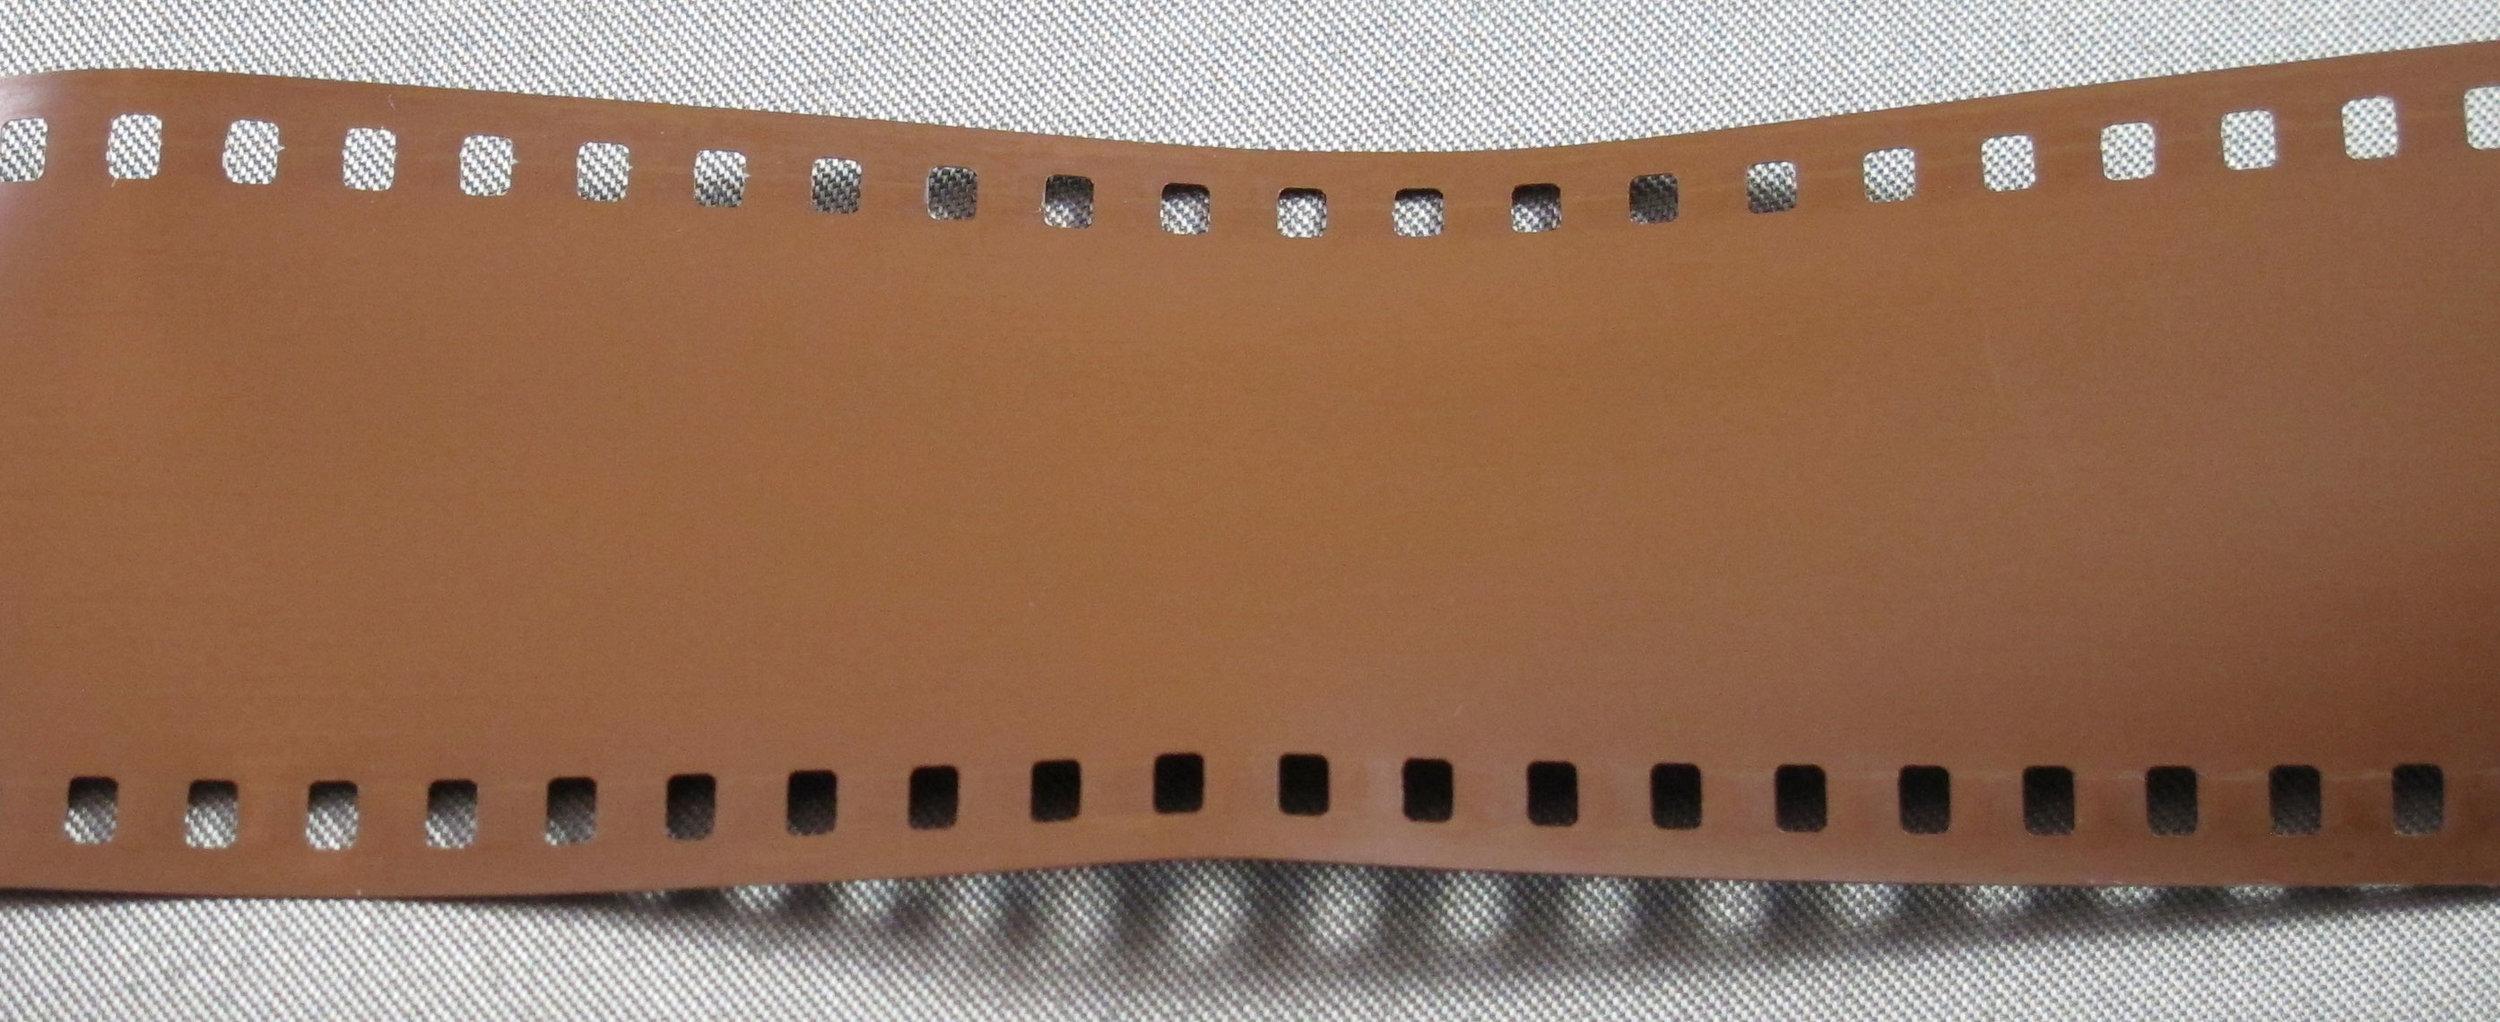 Clean-film-example-5.jpg